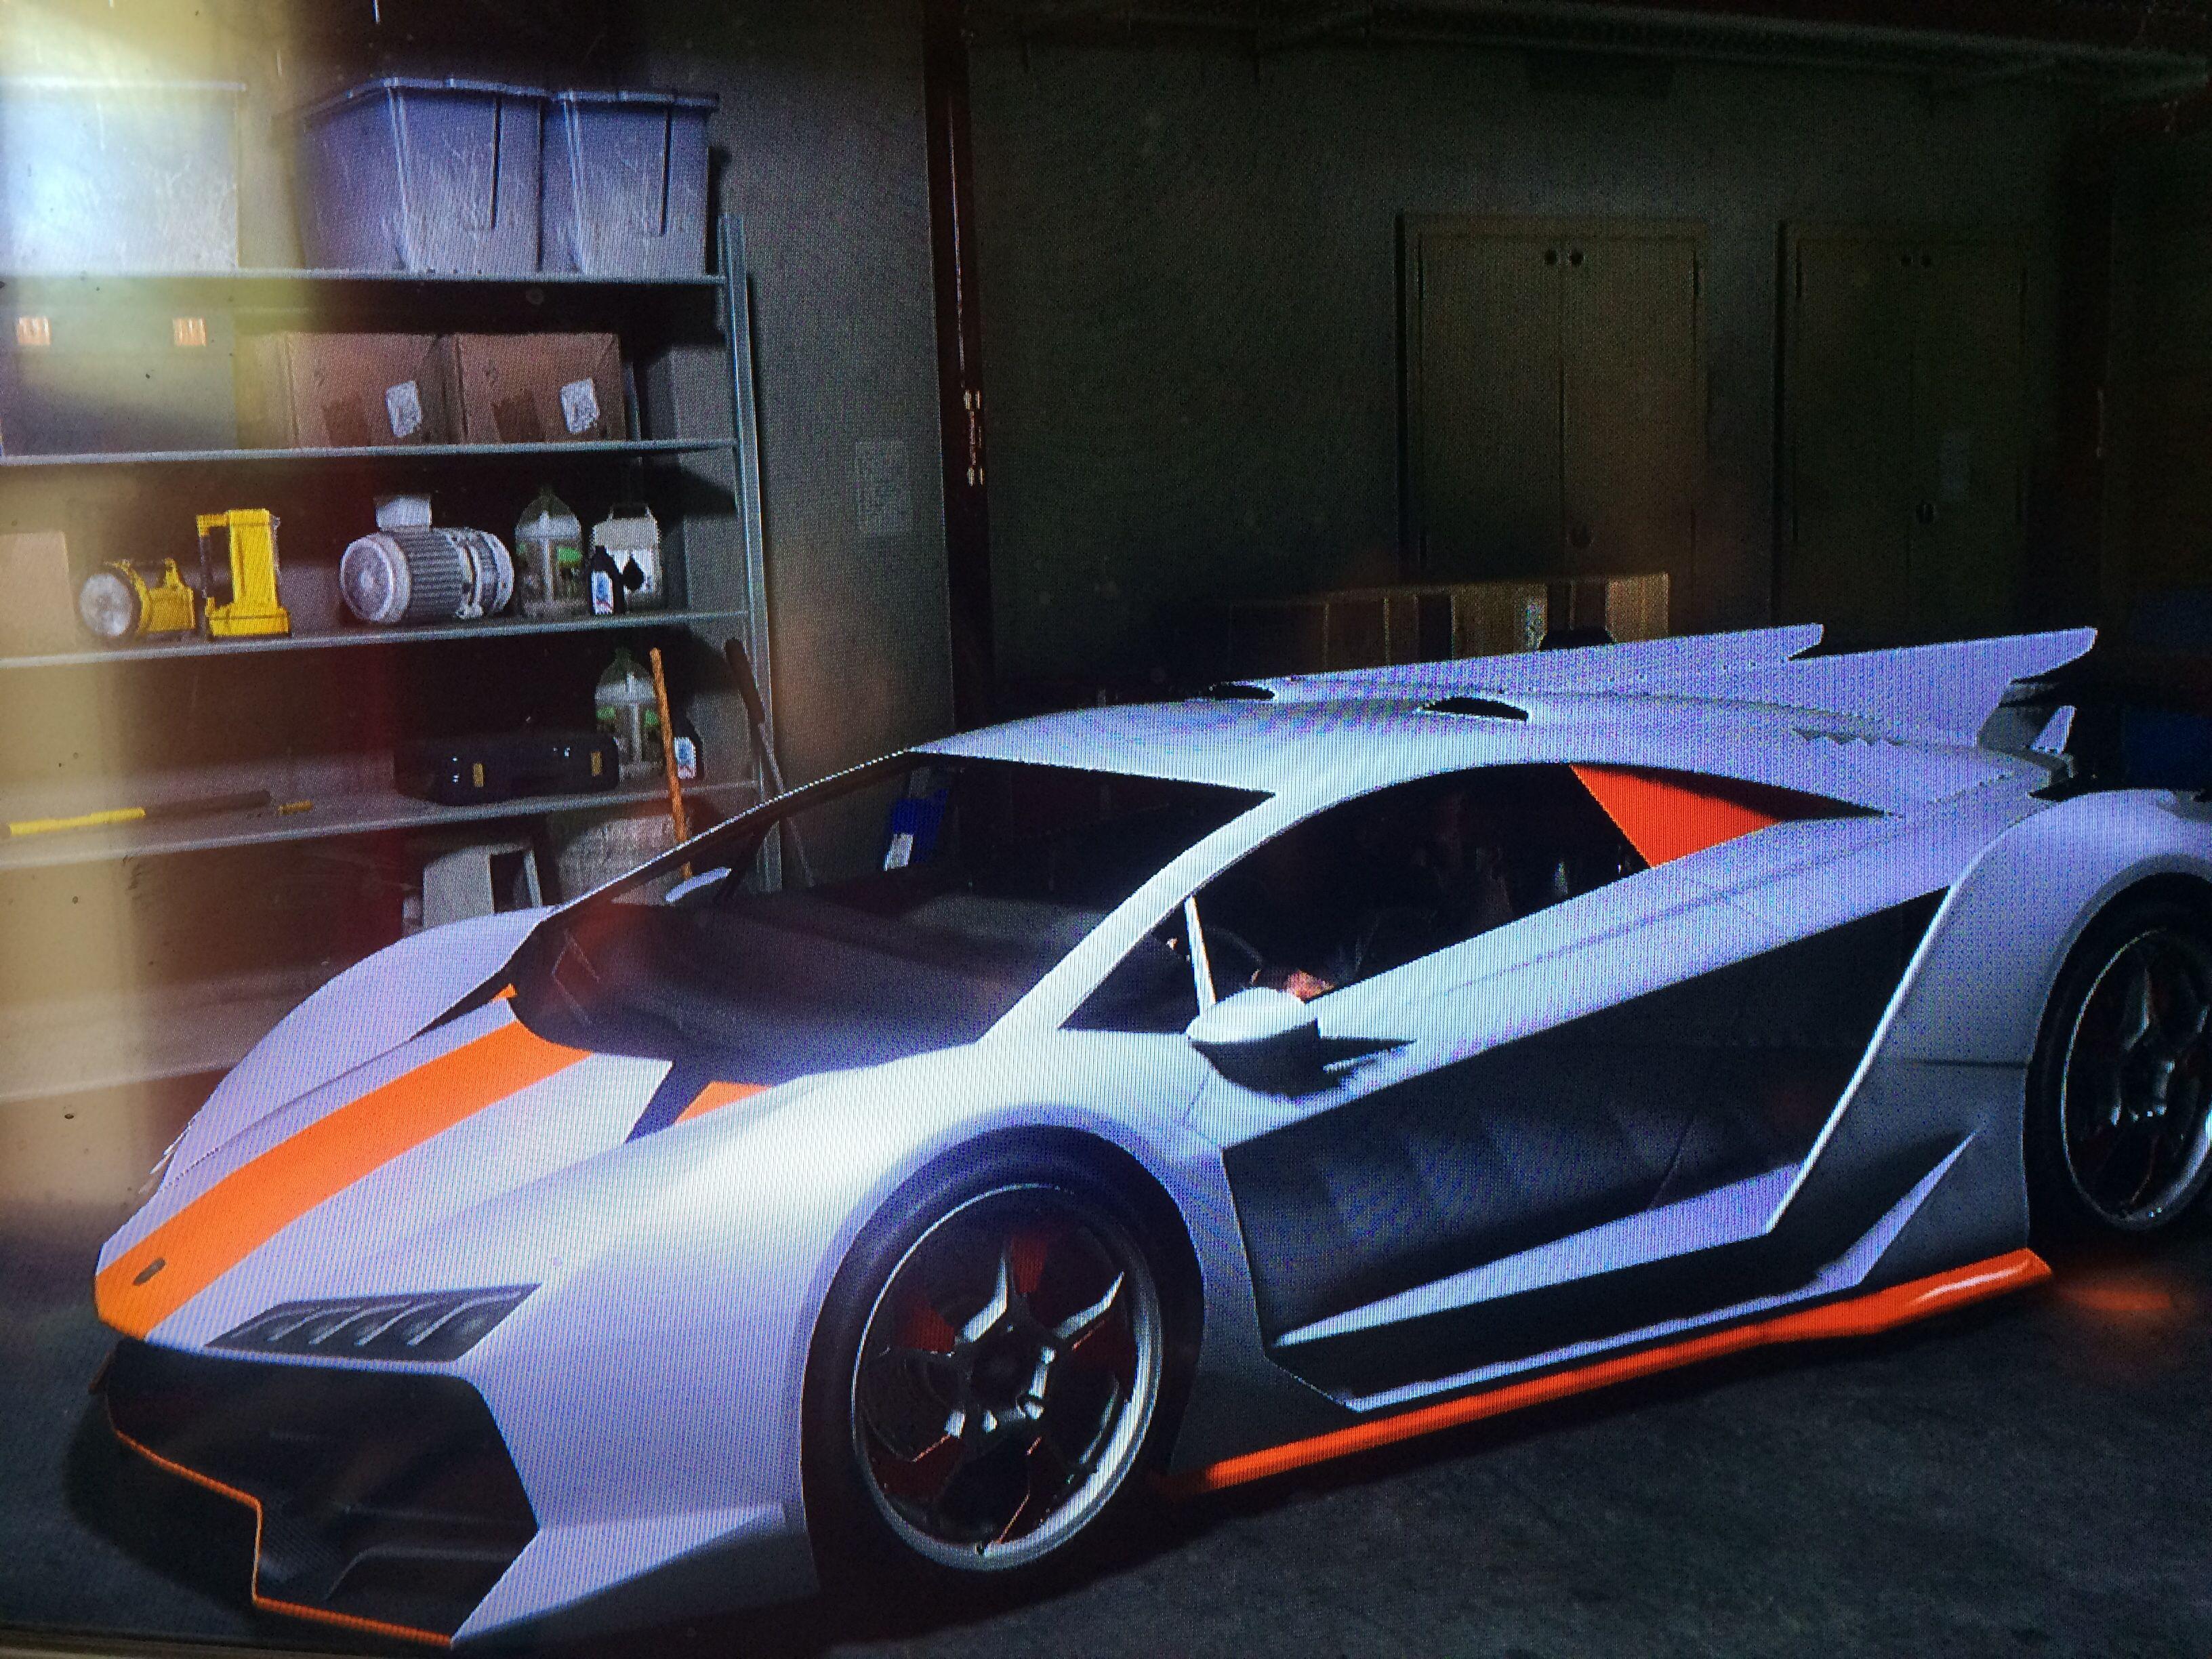 Lamborghini Gta 5 Gta 5 Gta Sports Car